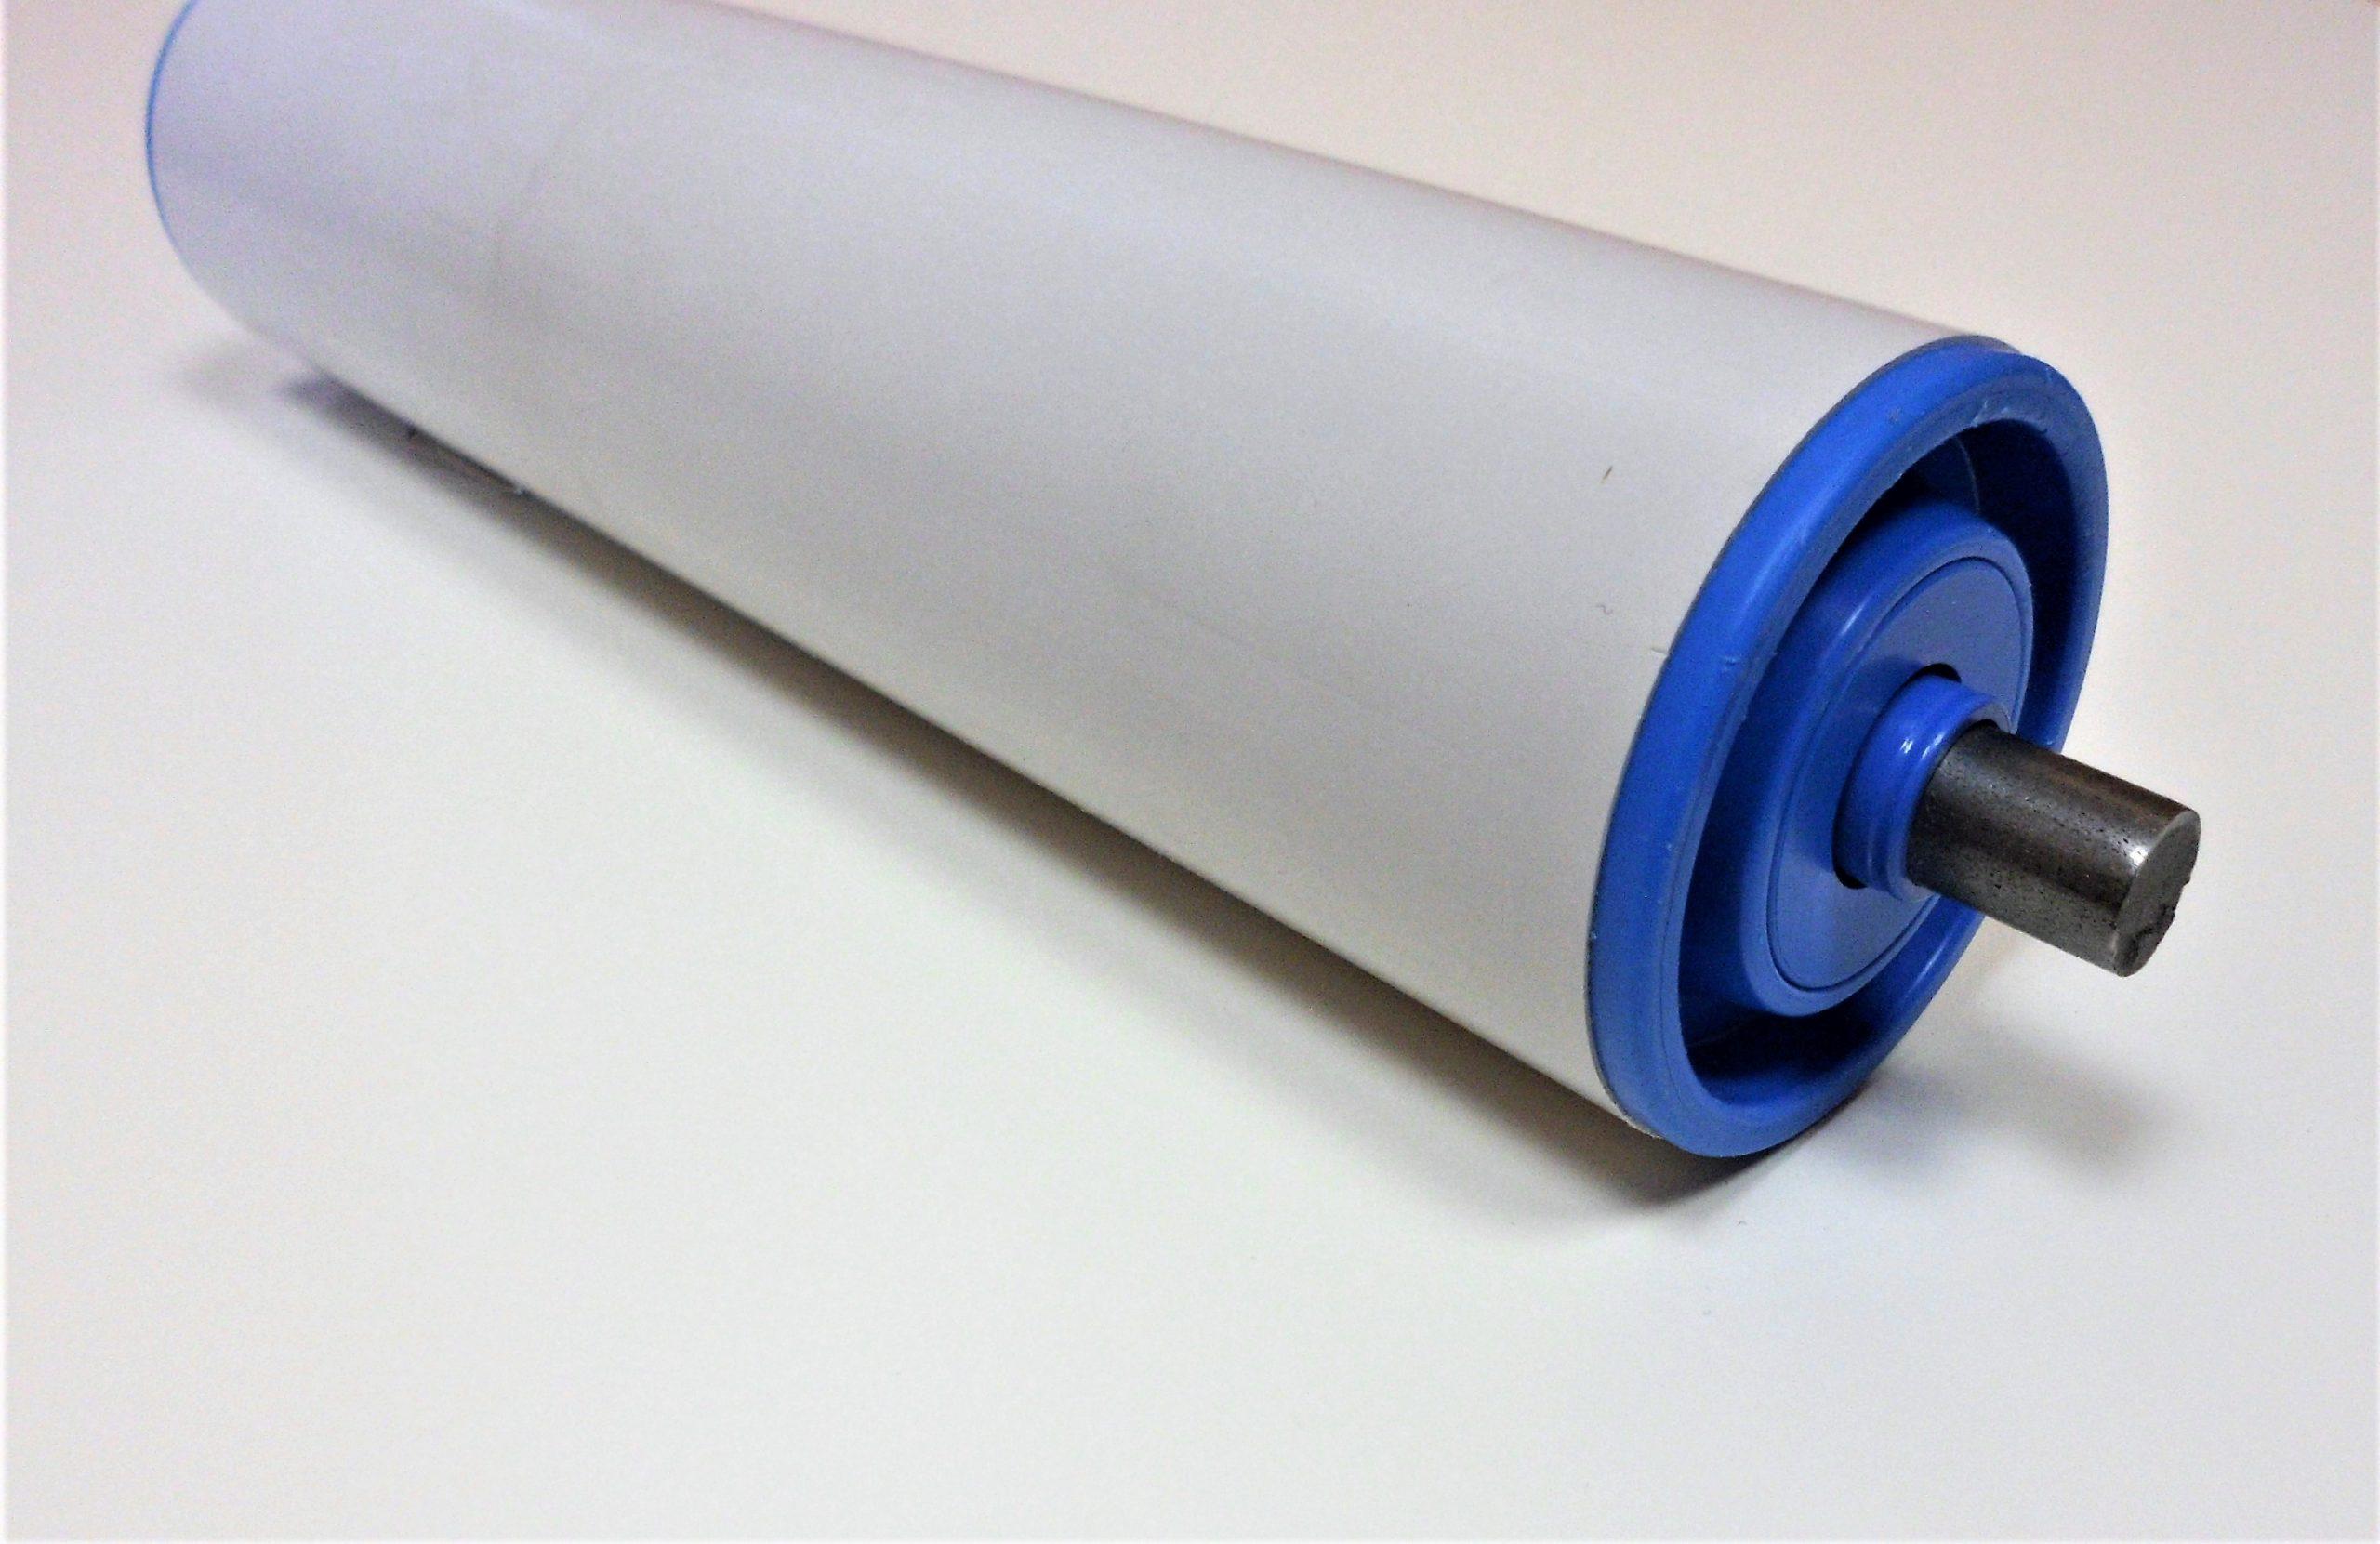 rouleau pour convoyeur avec tube pvc, axe inox et roulements gravitaires avec billes inox